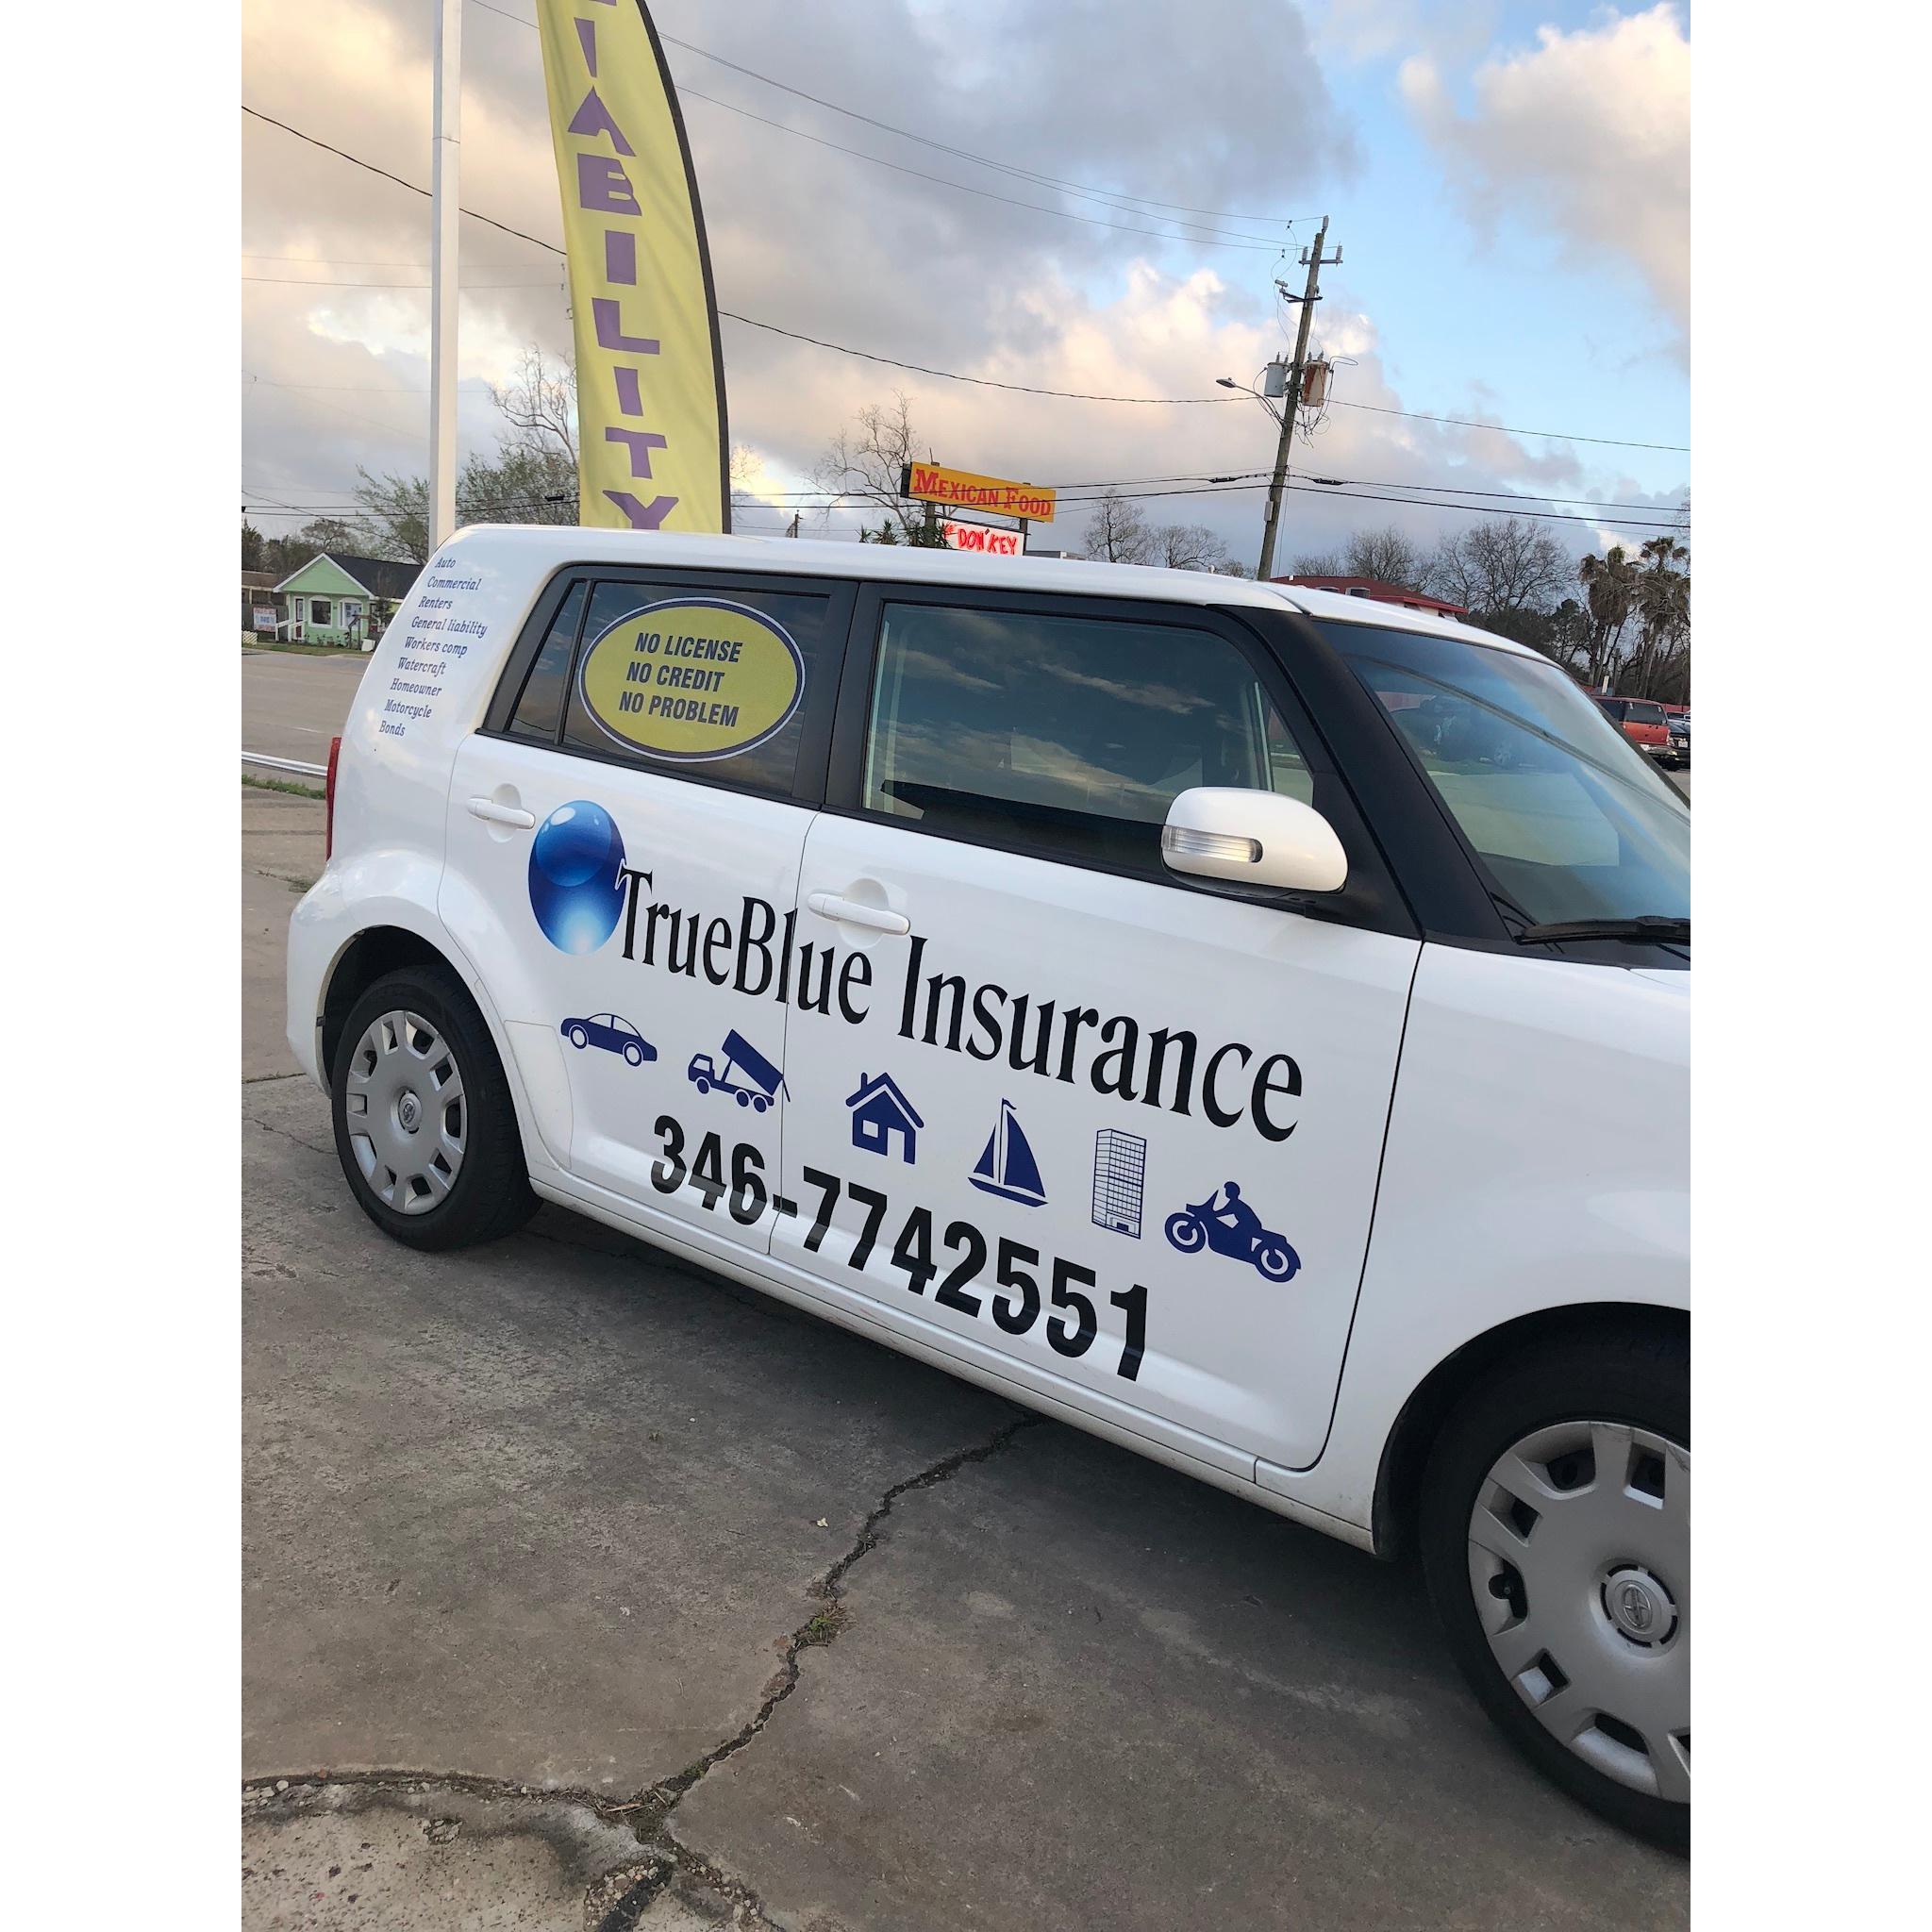 TrueBlue Insurance - Pasadena, TX 77505 - (346)774-2551   ShowMeLocal.com